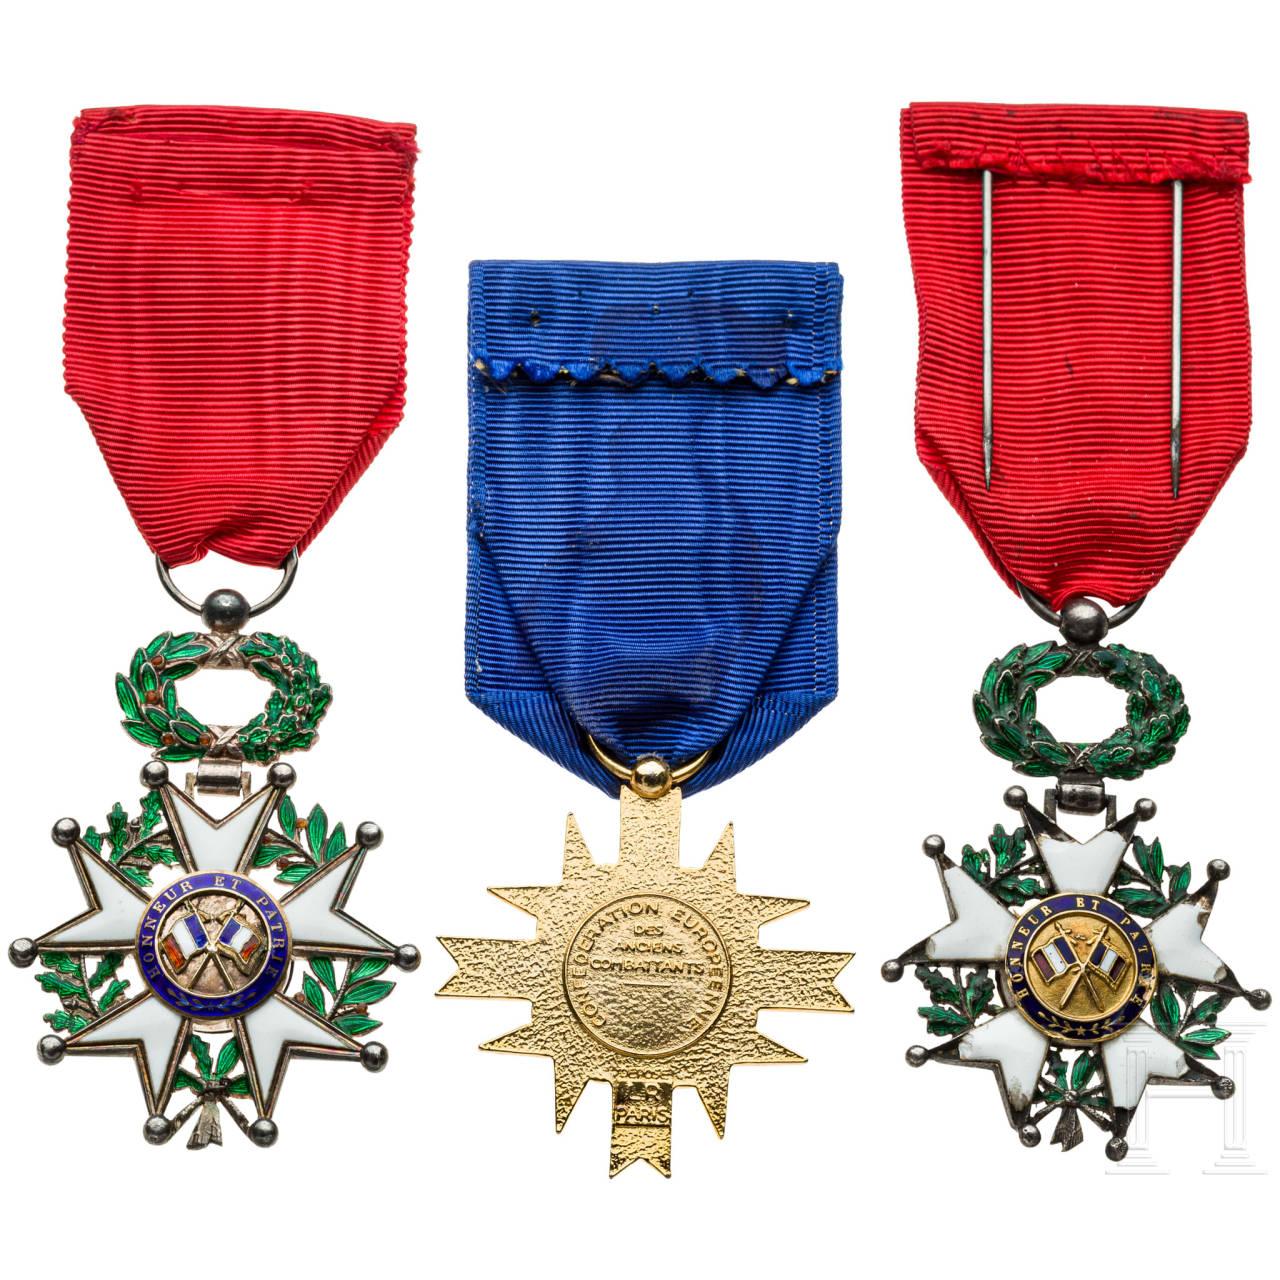 Drei Auszeichnungen, Frankreich, 20. Jhdt.